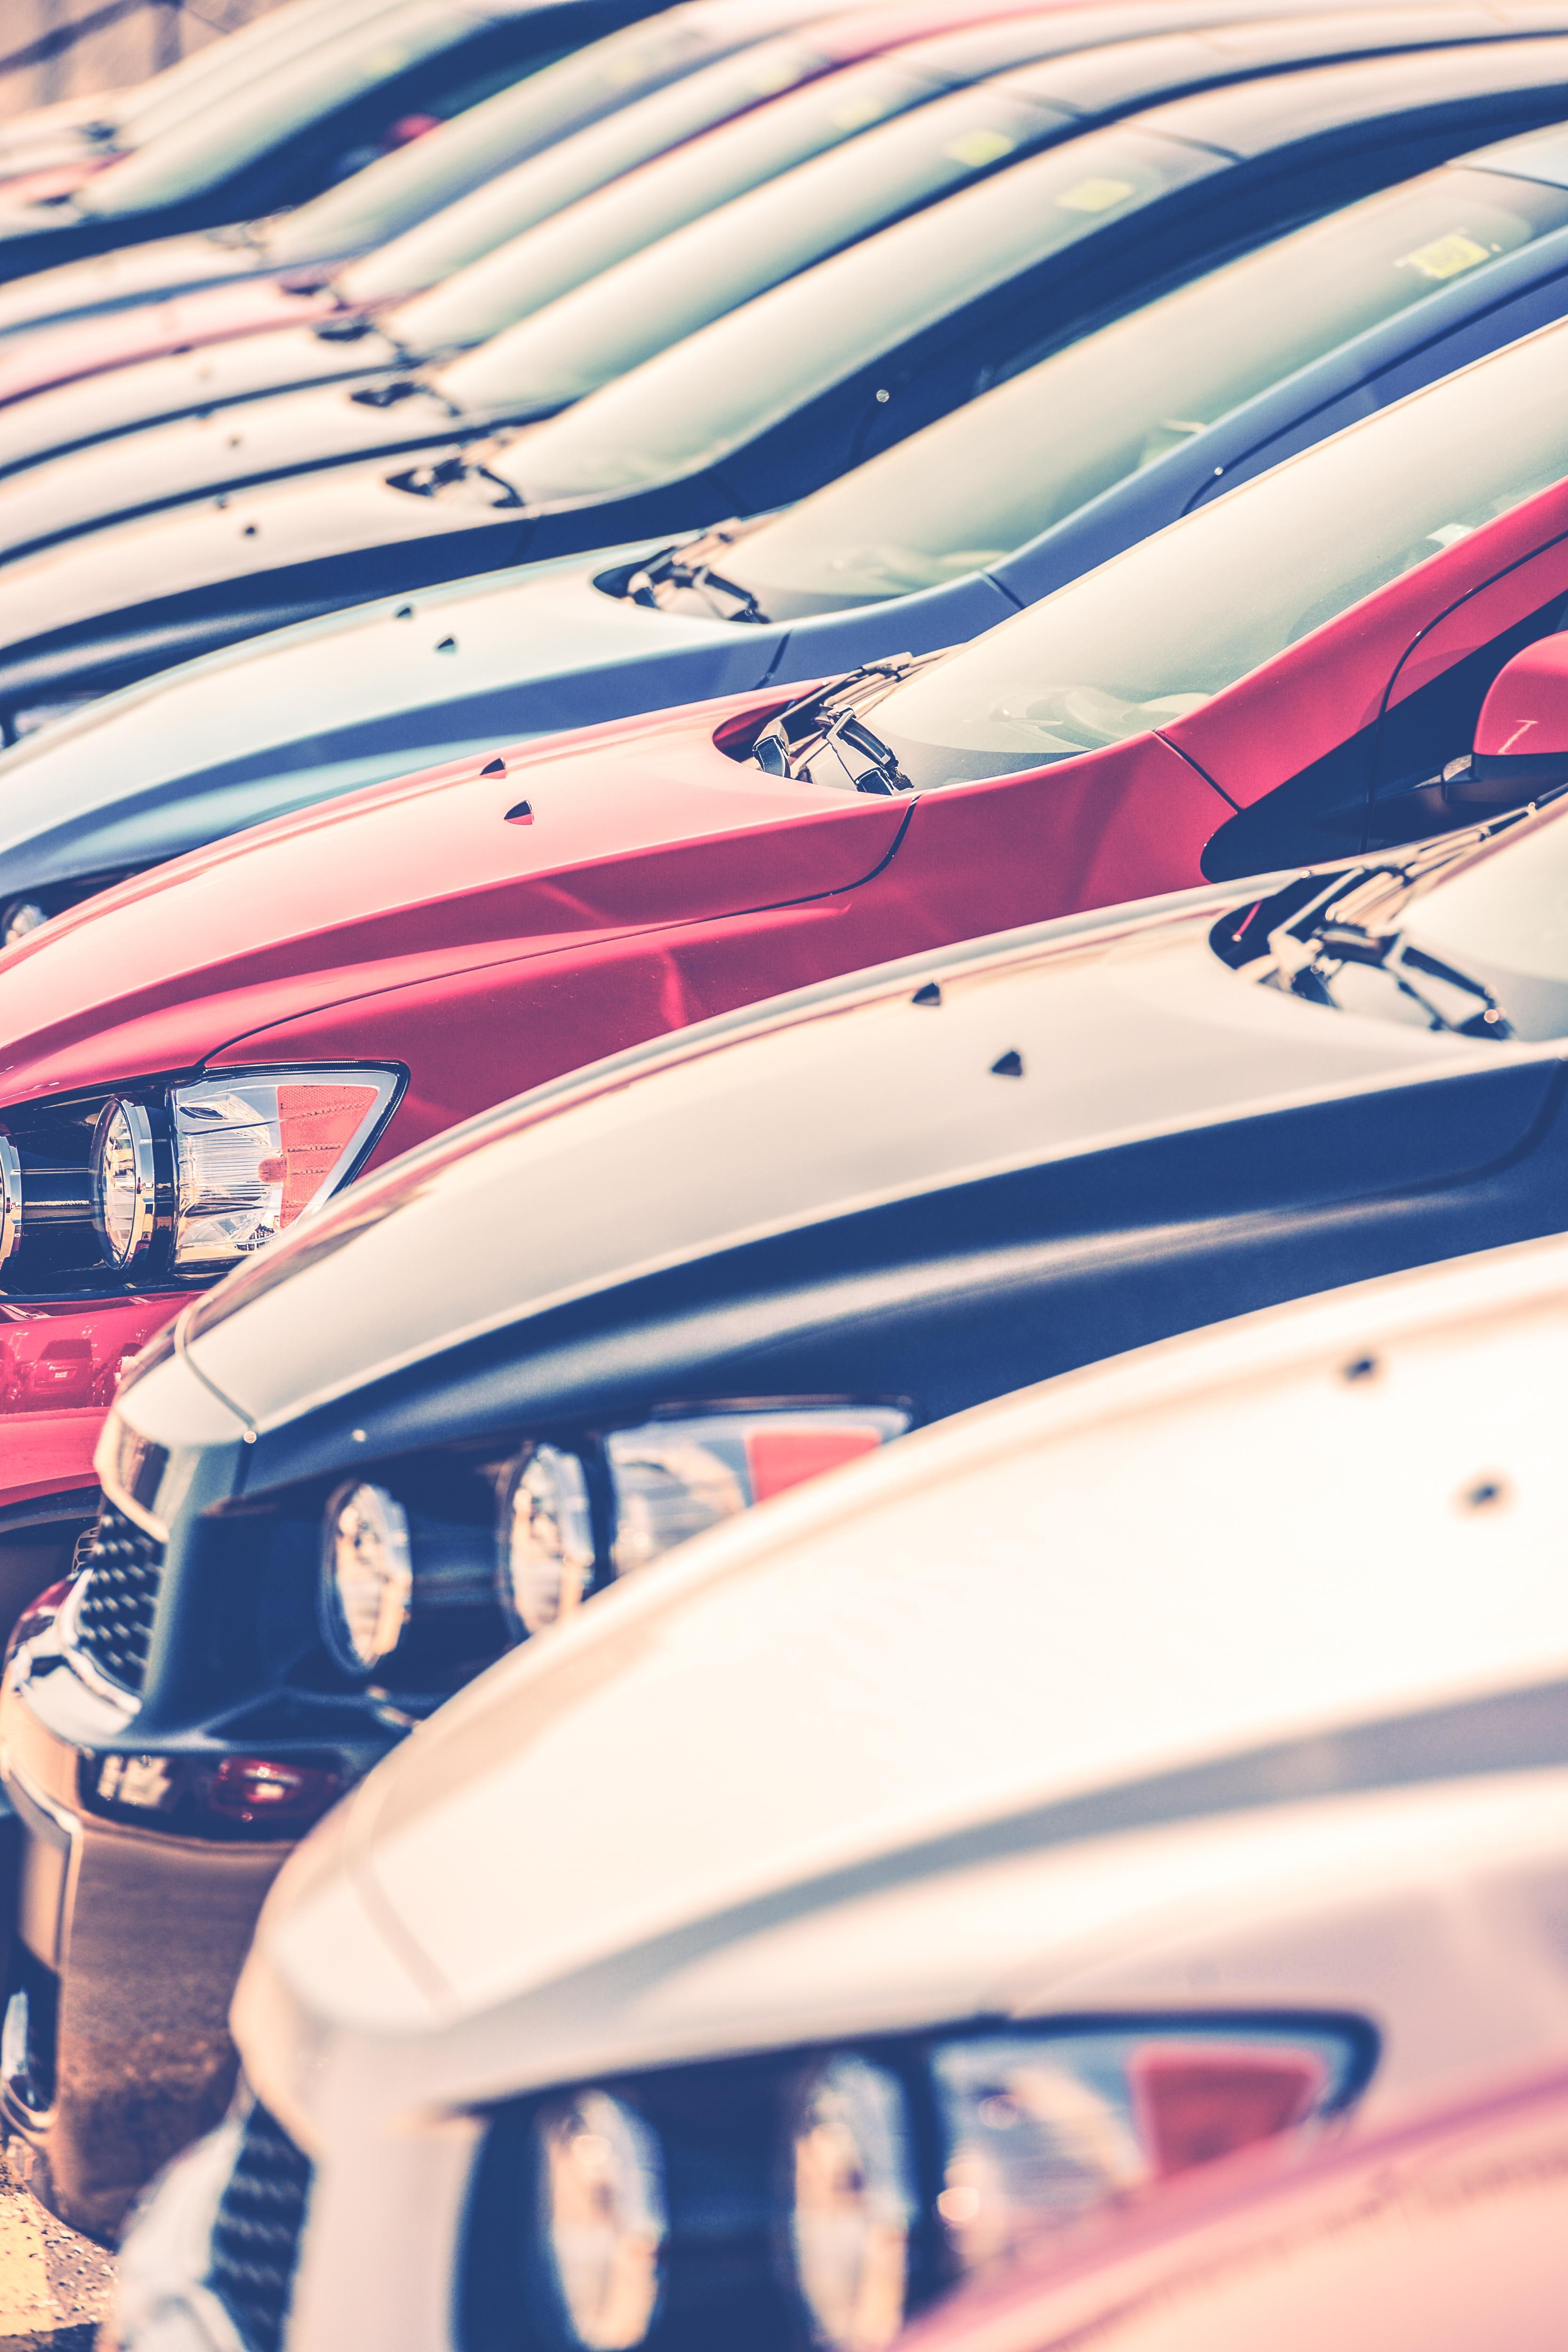 cars in dealer stock PHQ8VJ2